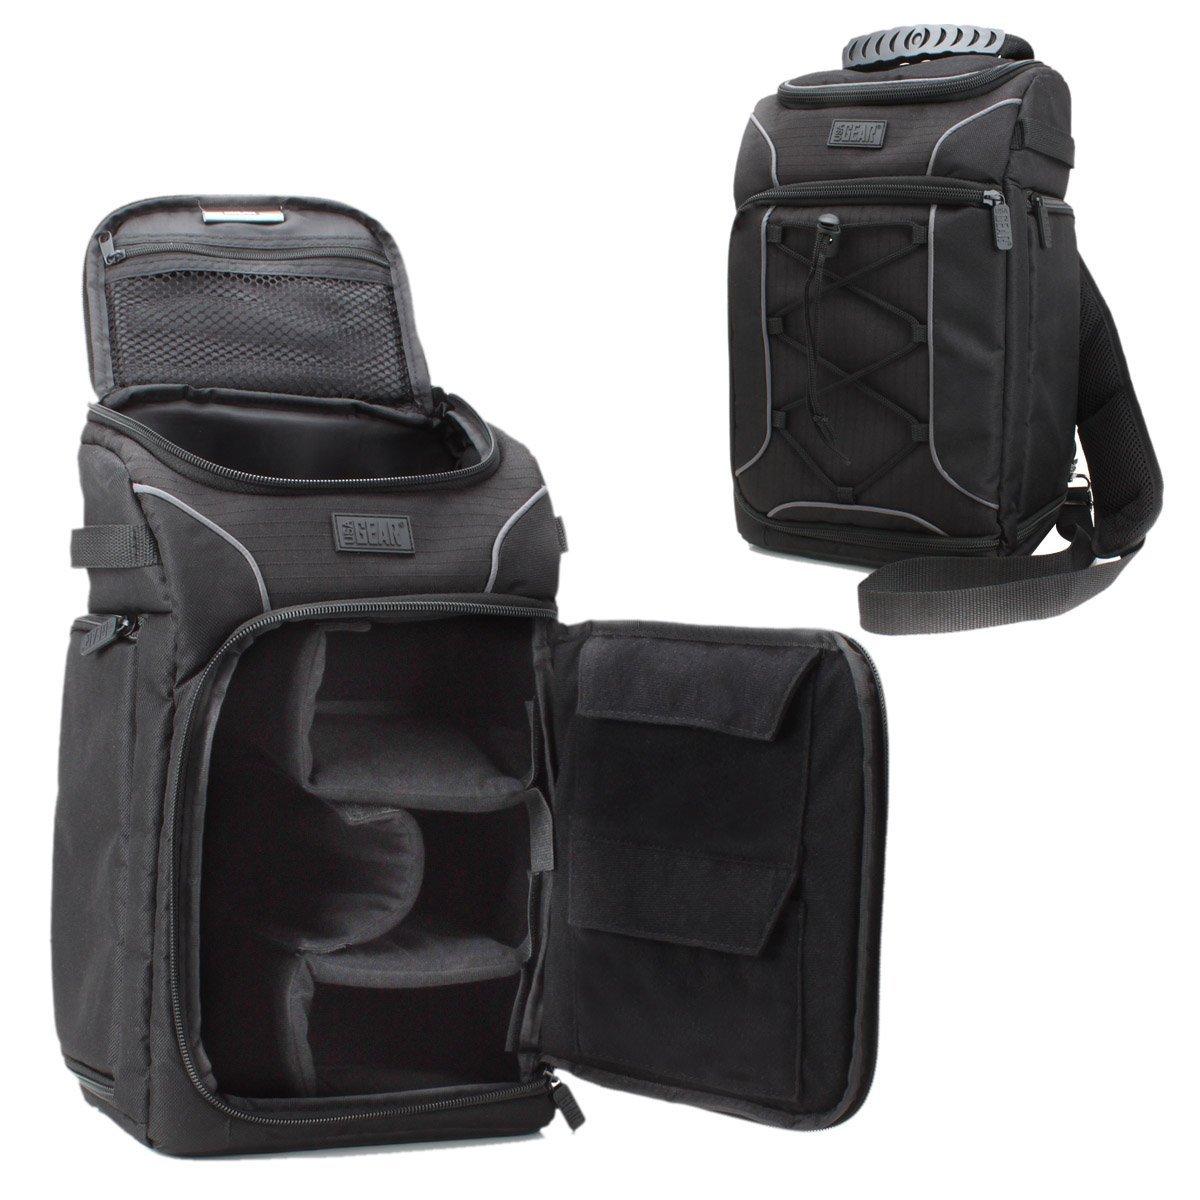 USA Gear Waterproof Backpack, waterproof camera bags, waterproof camera case, waterproof camera backpack